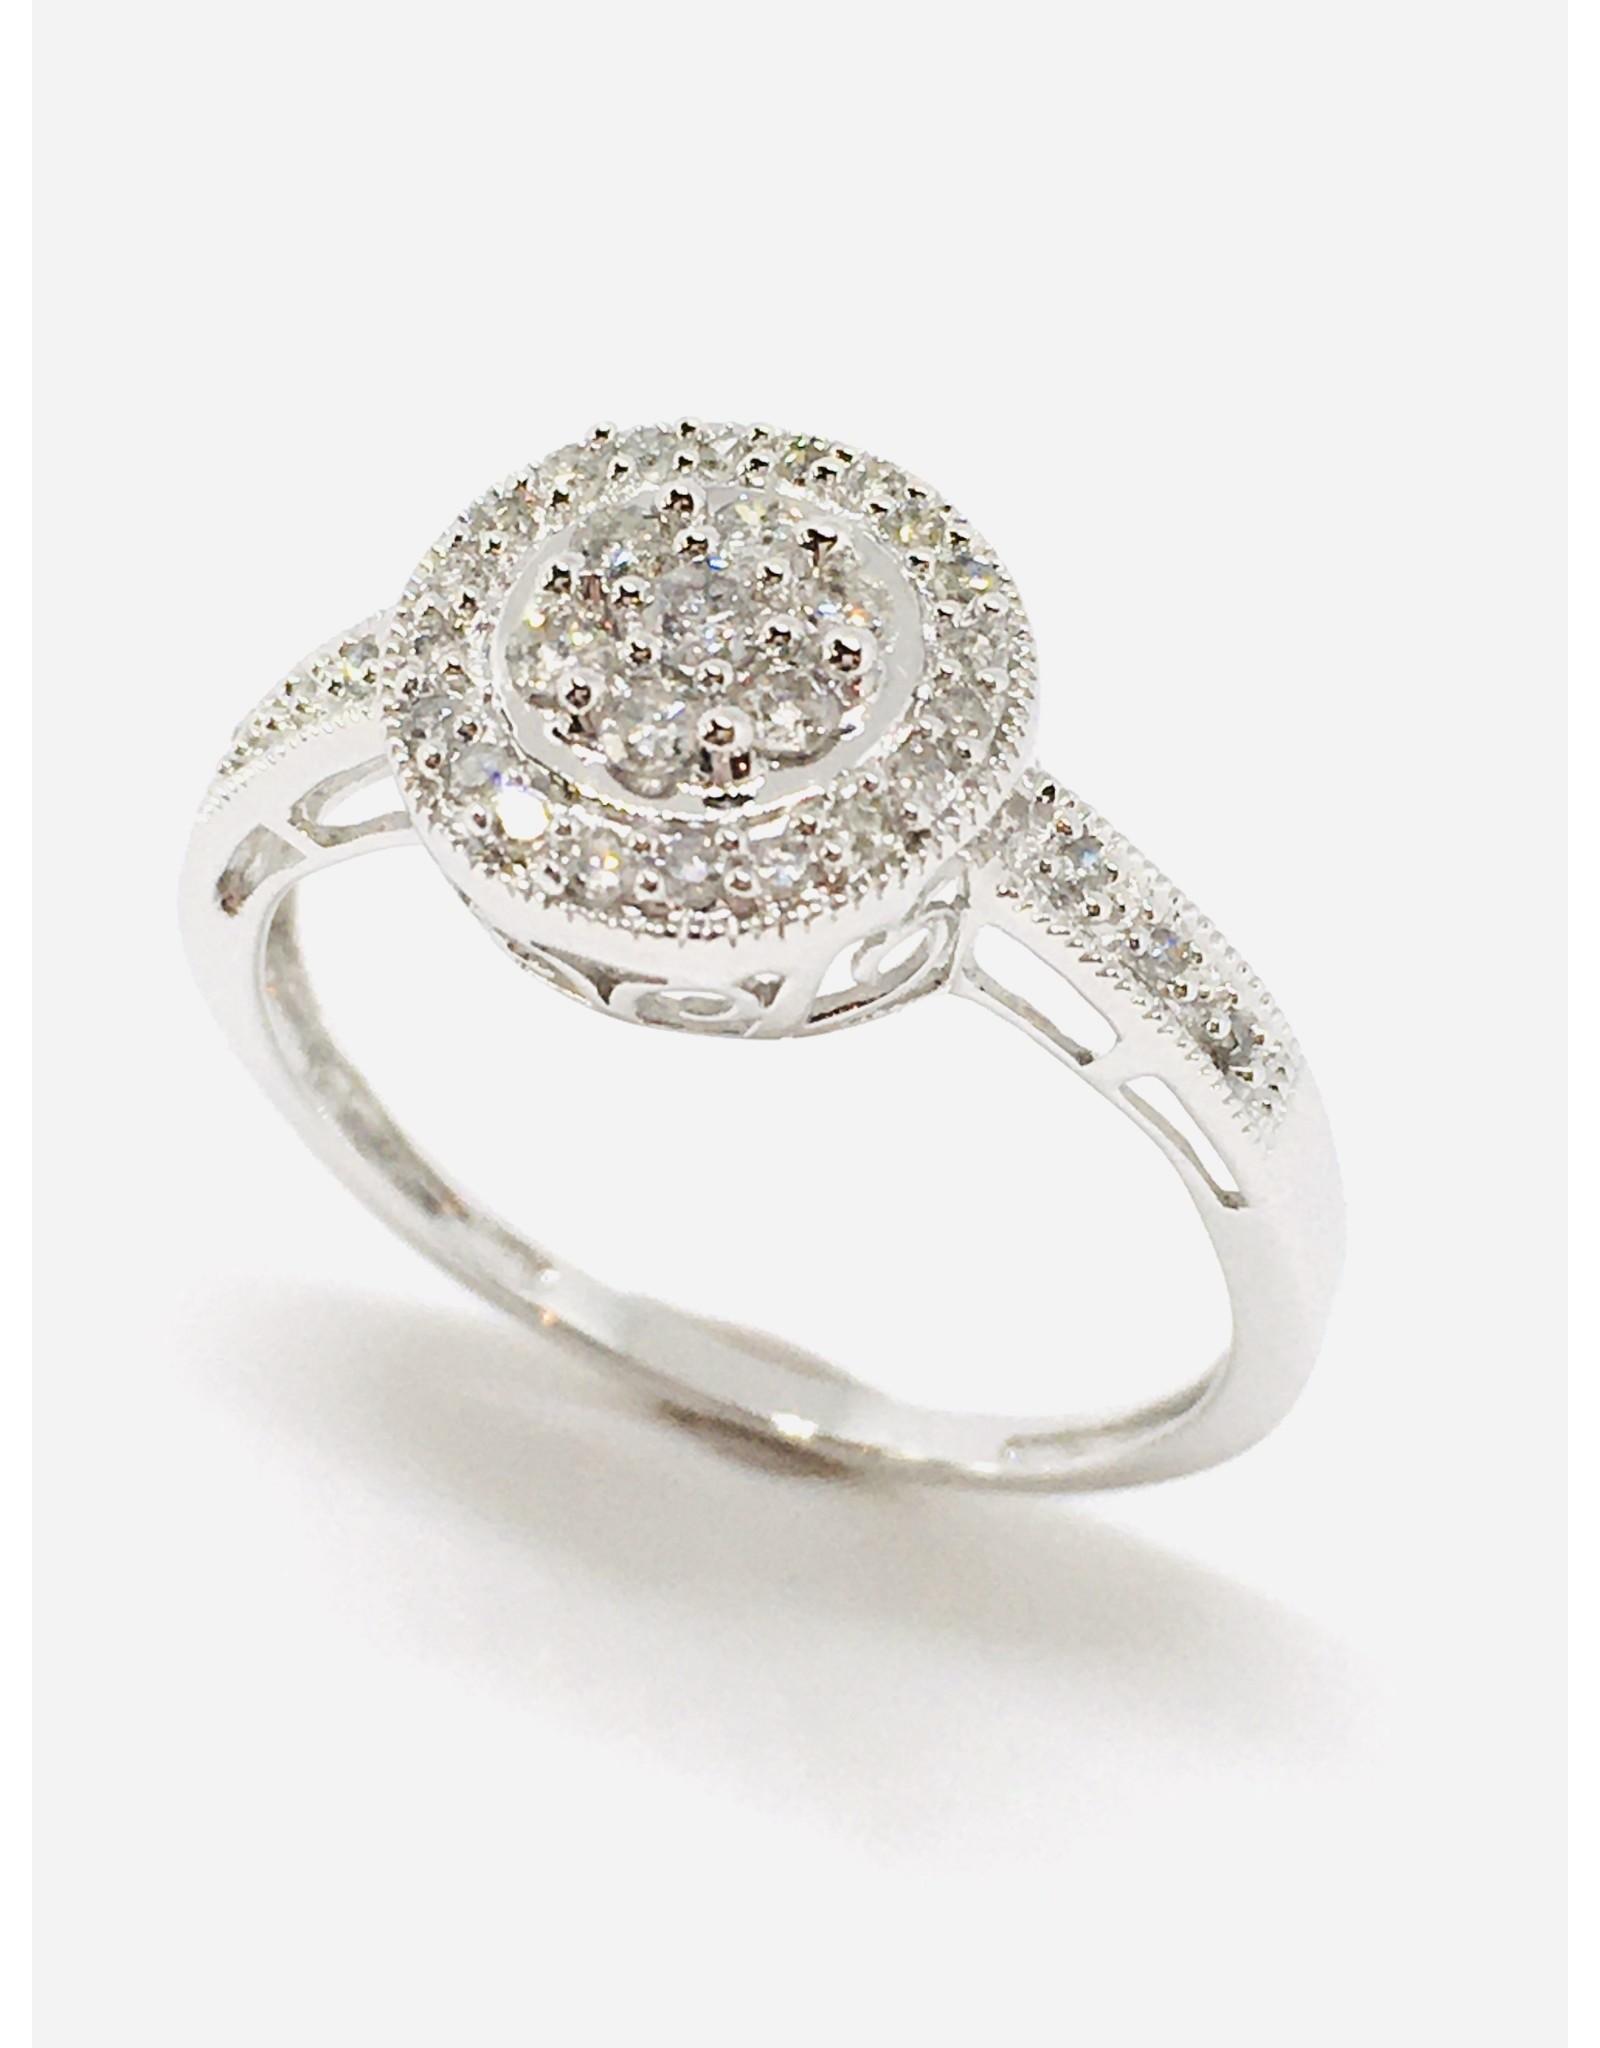 Bague halo illusion Or blanc 10K avec diamants